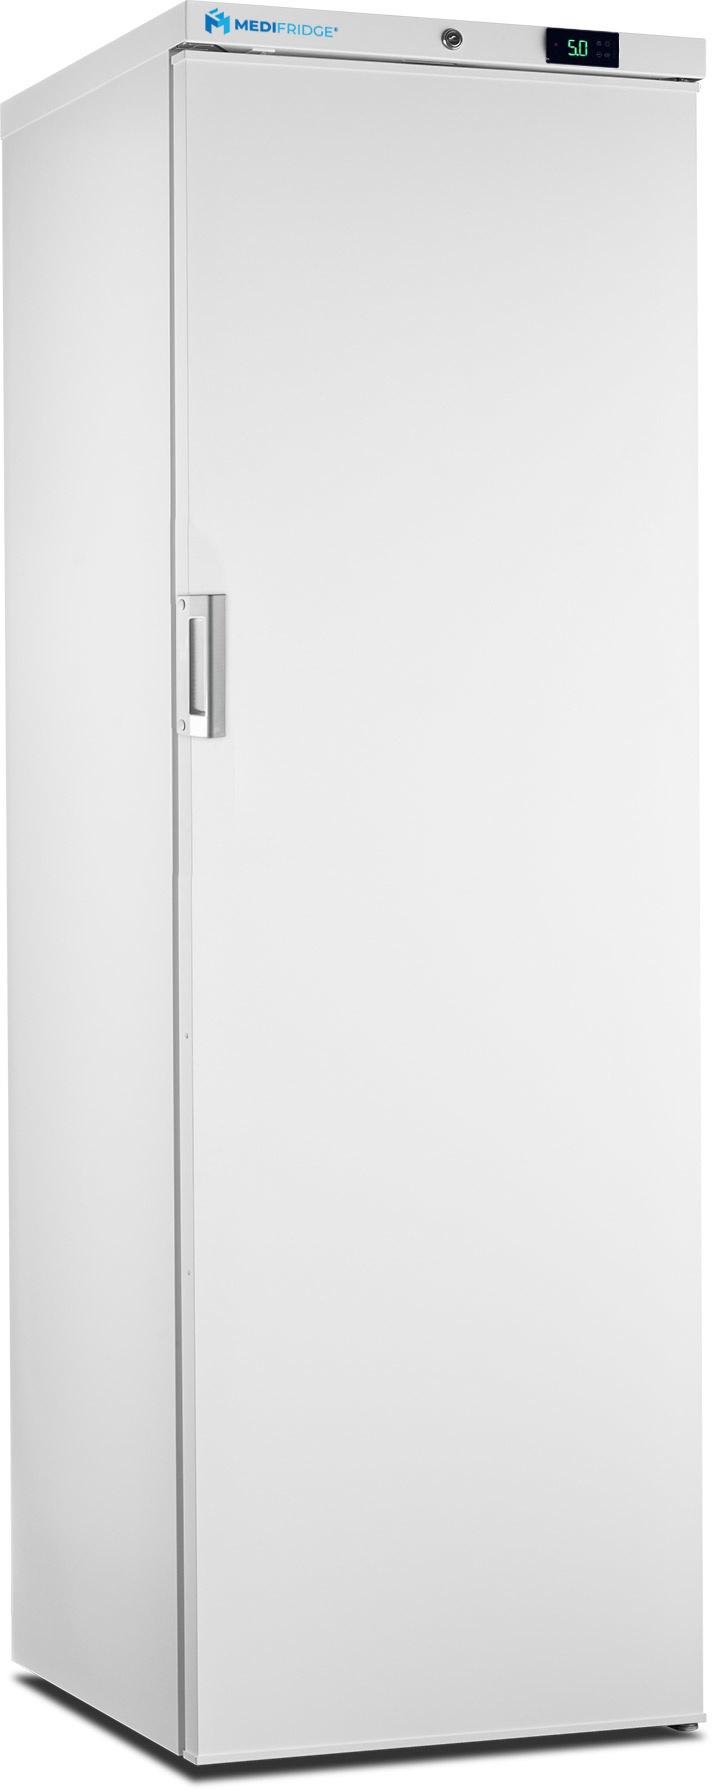 MediFridge medicijnkoelkast MF450L-CD - Gesloten deur - 416 liter - 600x700x1875 mm - DIN 58345